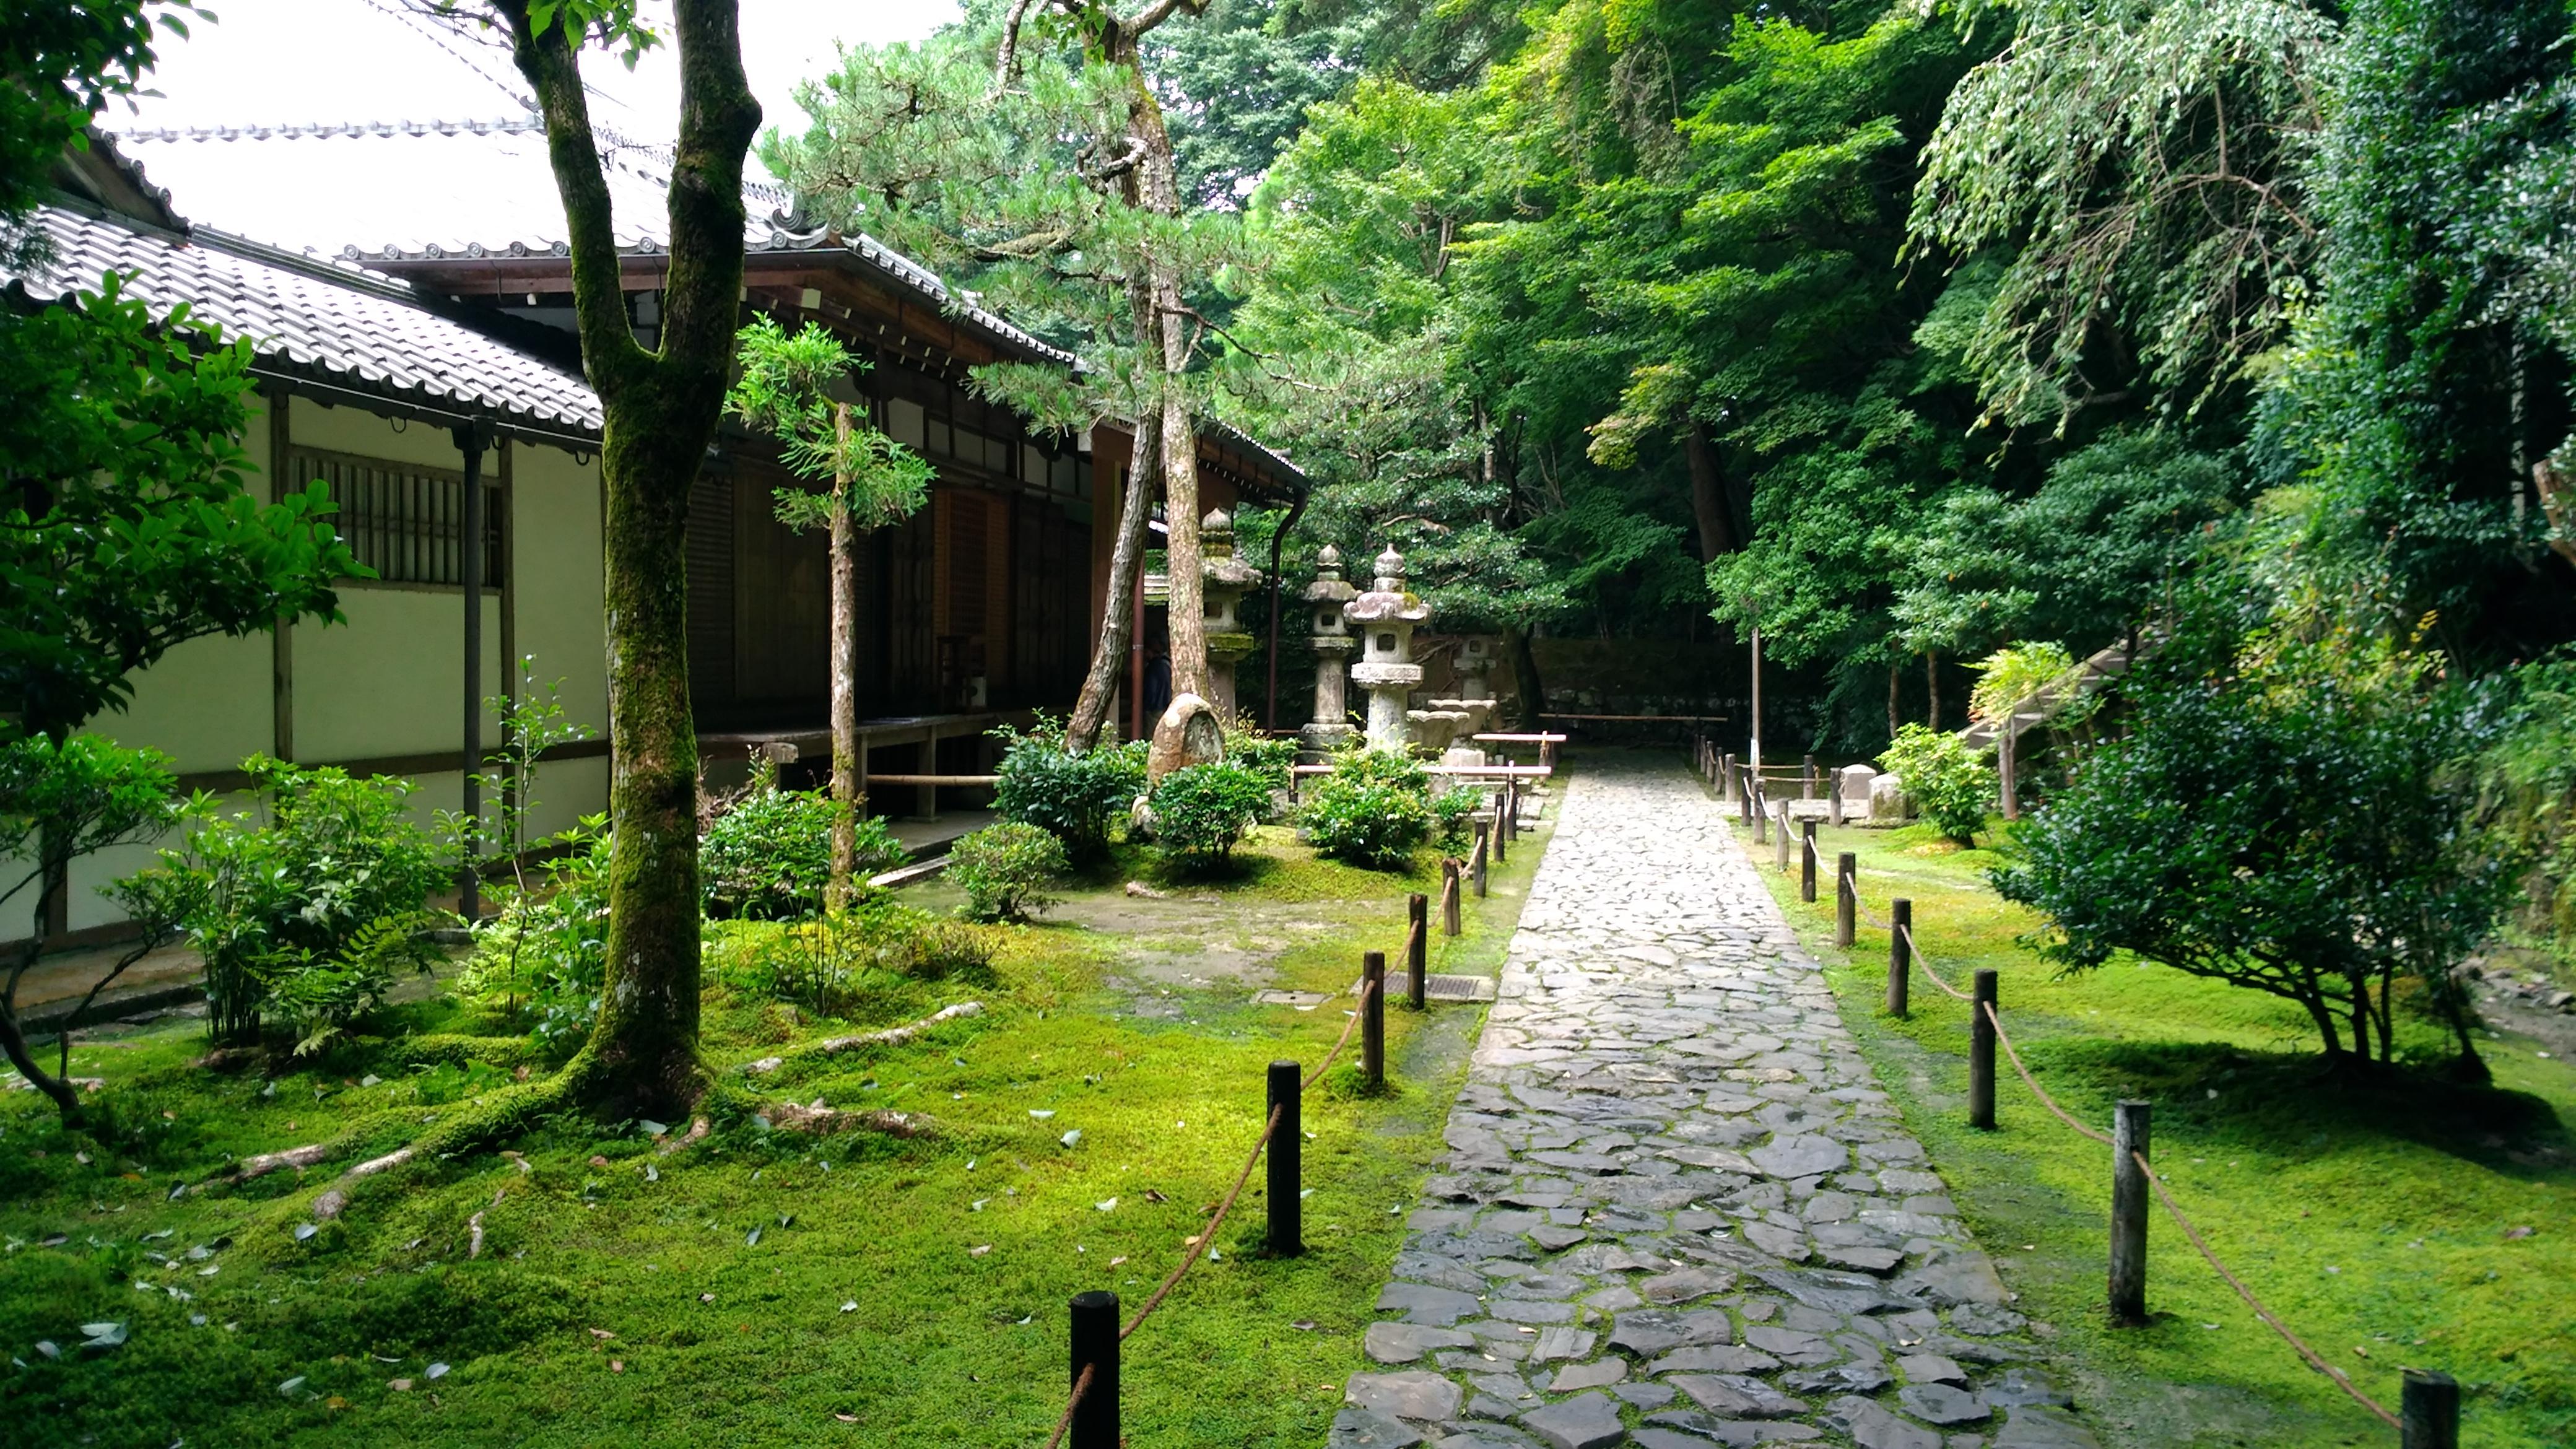 【京都マインドフルネスの会 in 法然院】に参加してきました!